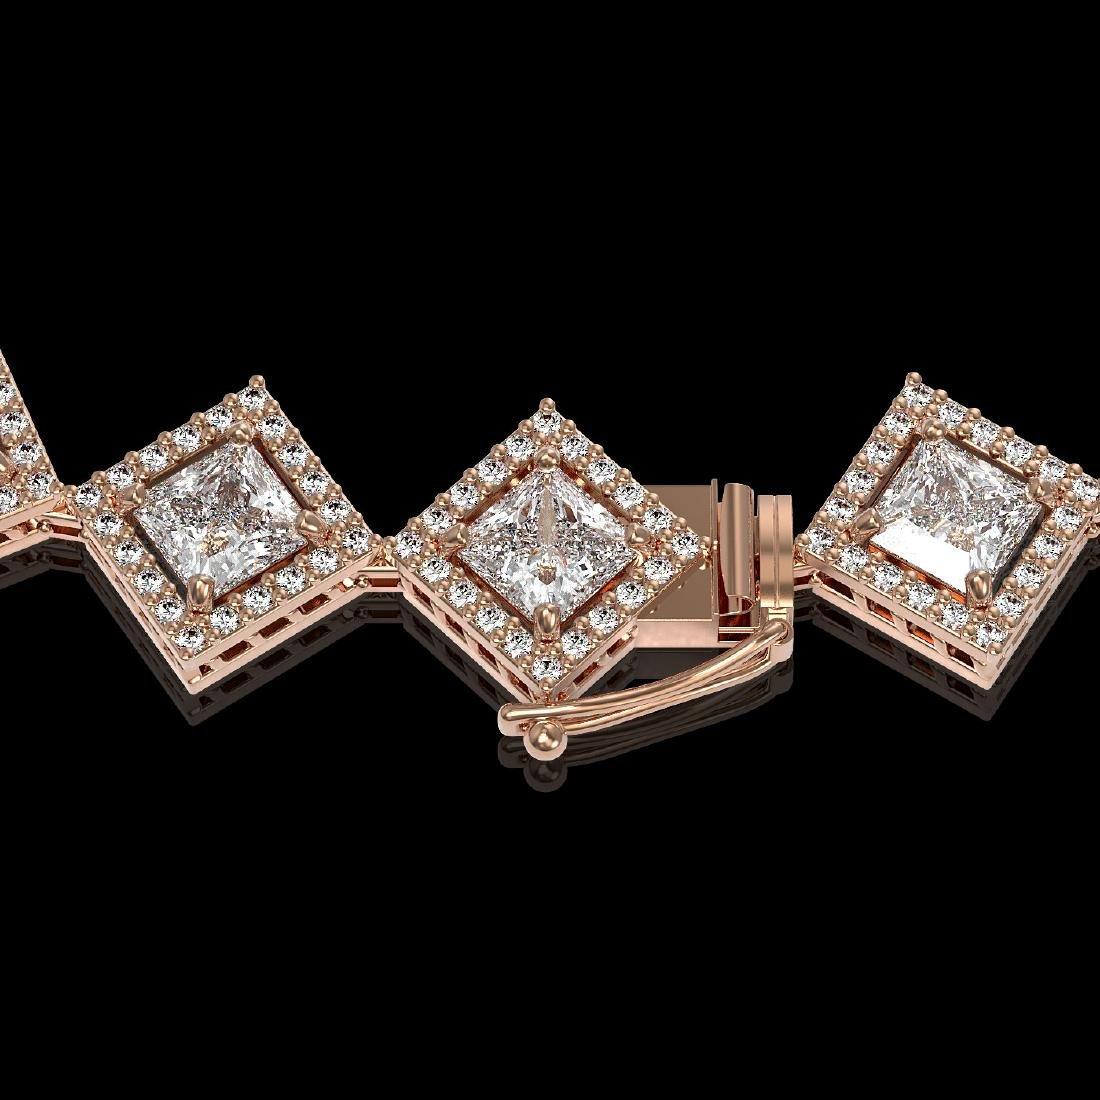 26.88 CTW Princess Cut Diamond Designer Necklace 18K - 3